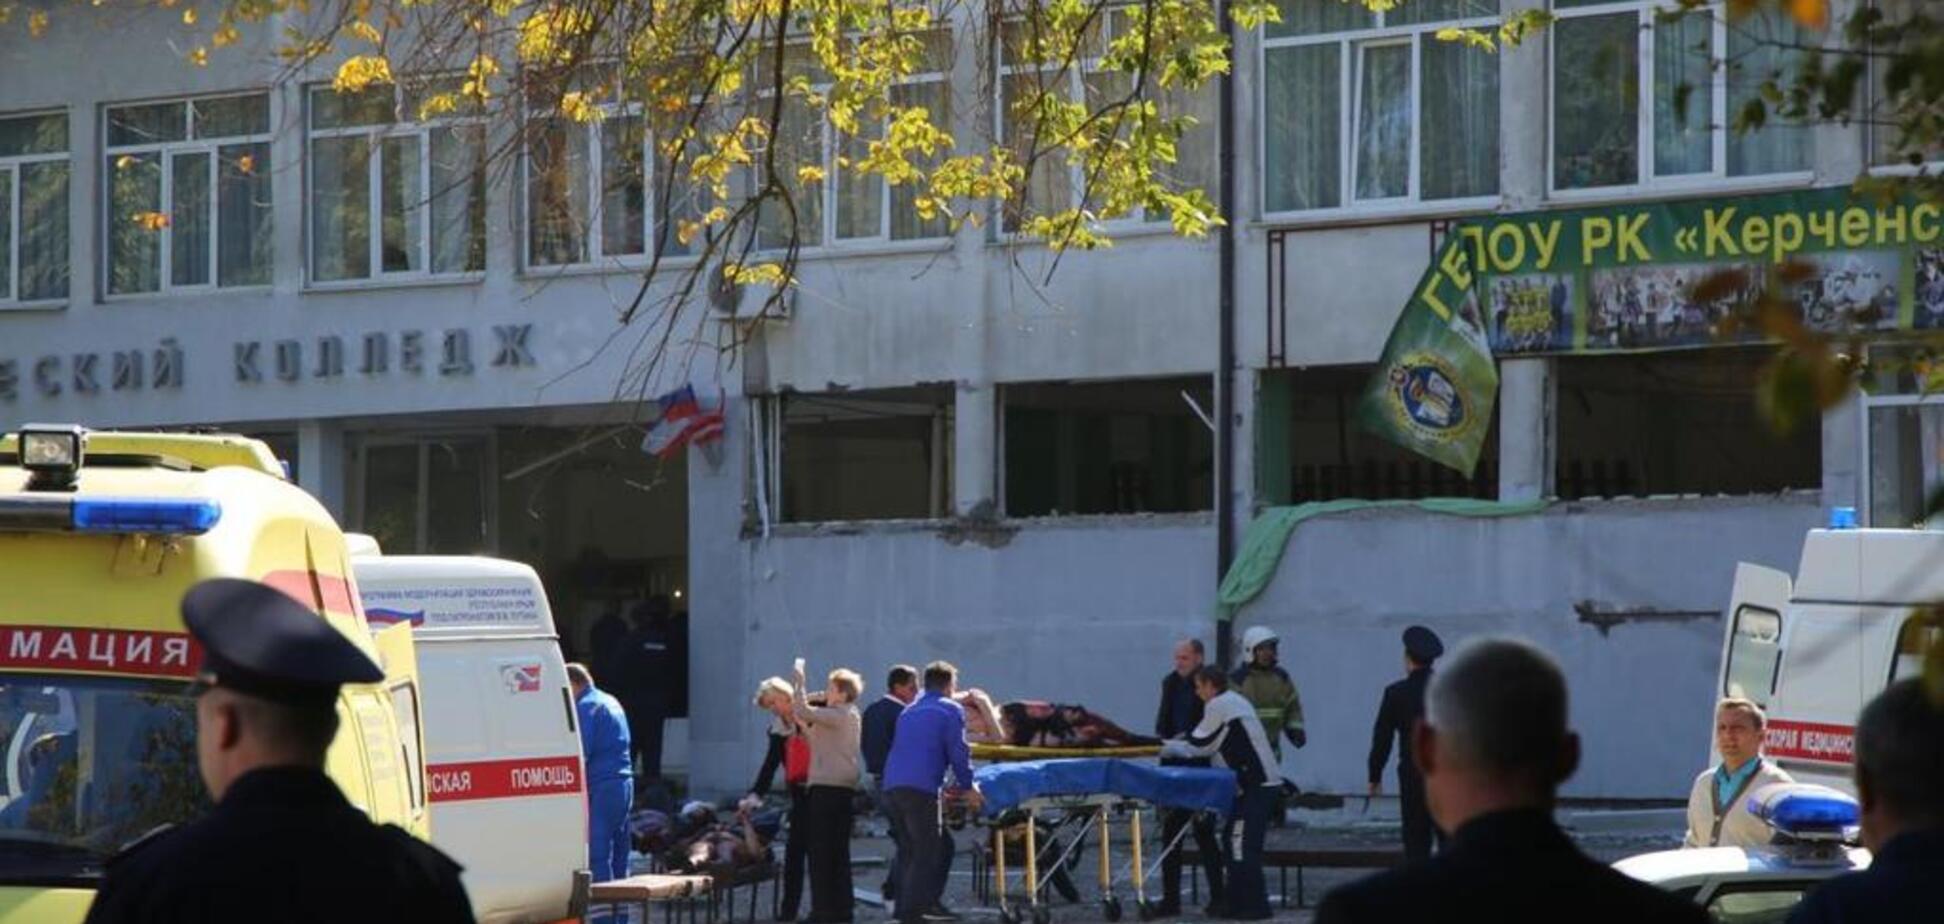 ''Останній катафалк'': з'явилися нові дані про жертв бійні у Керчі